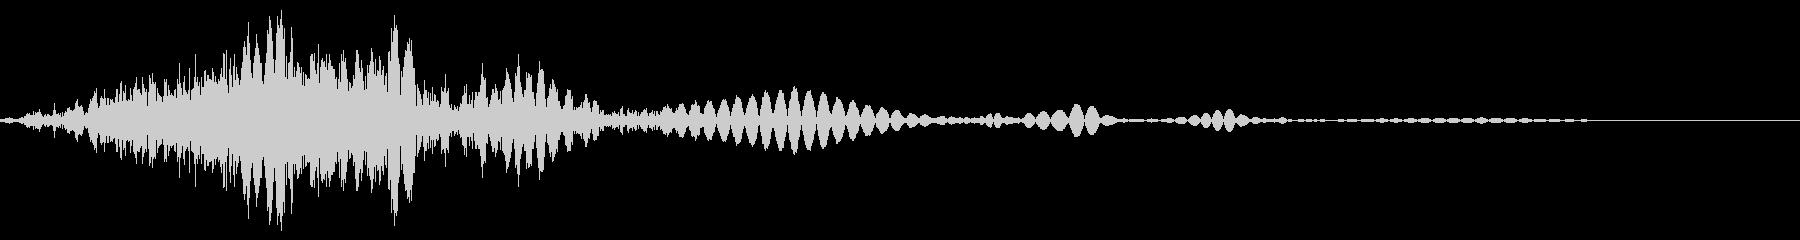 シャキーン!リアルな剣や刀の抜刀音 30の未再生の波形